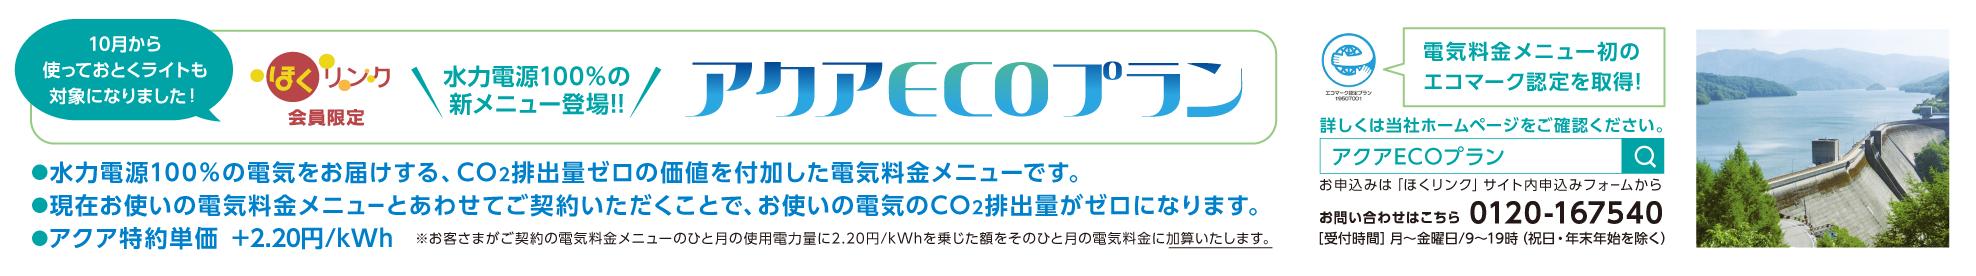 水力電源100%の新メニュー登場!!アクアECOプラン